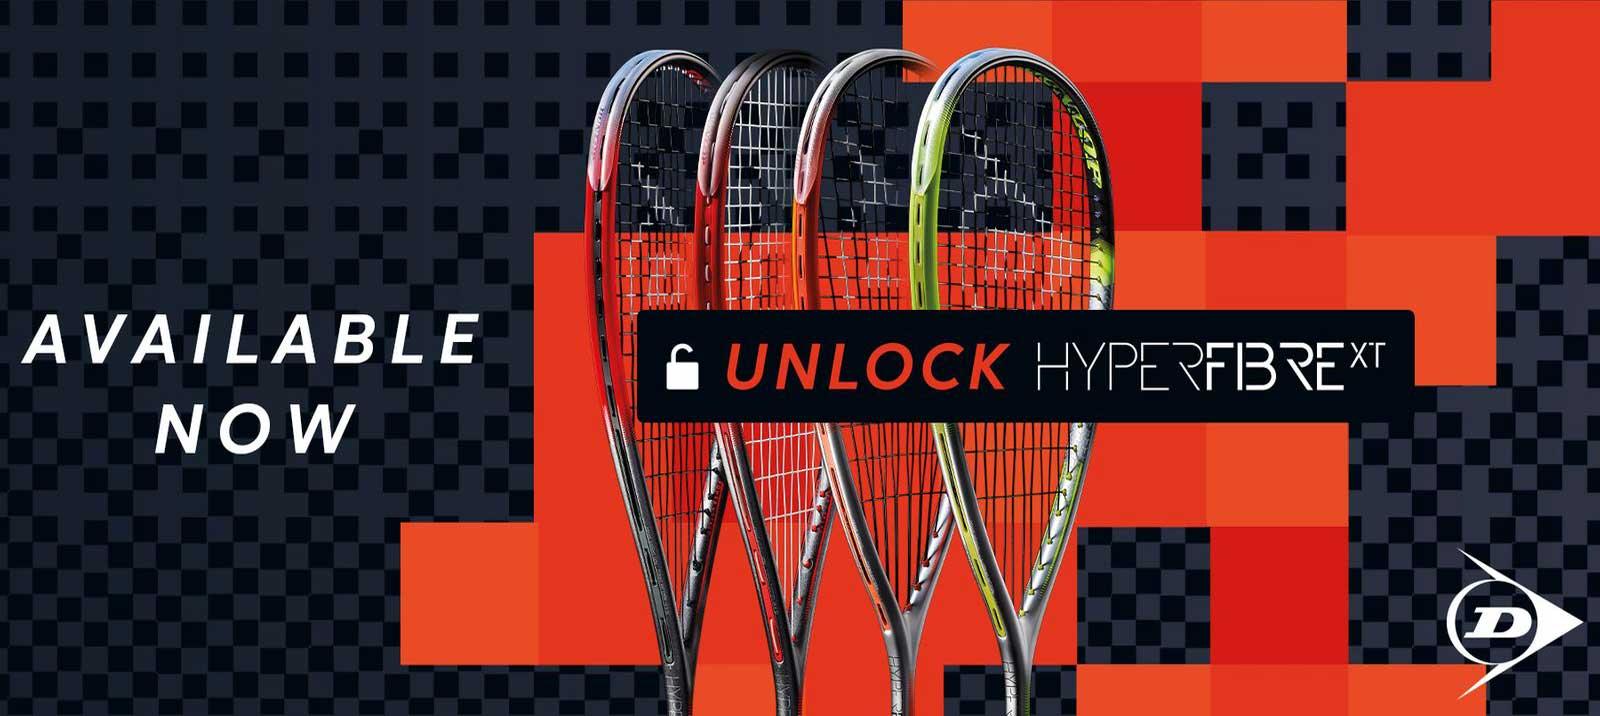 Dunlop Hyperfibre XT Series